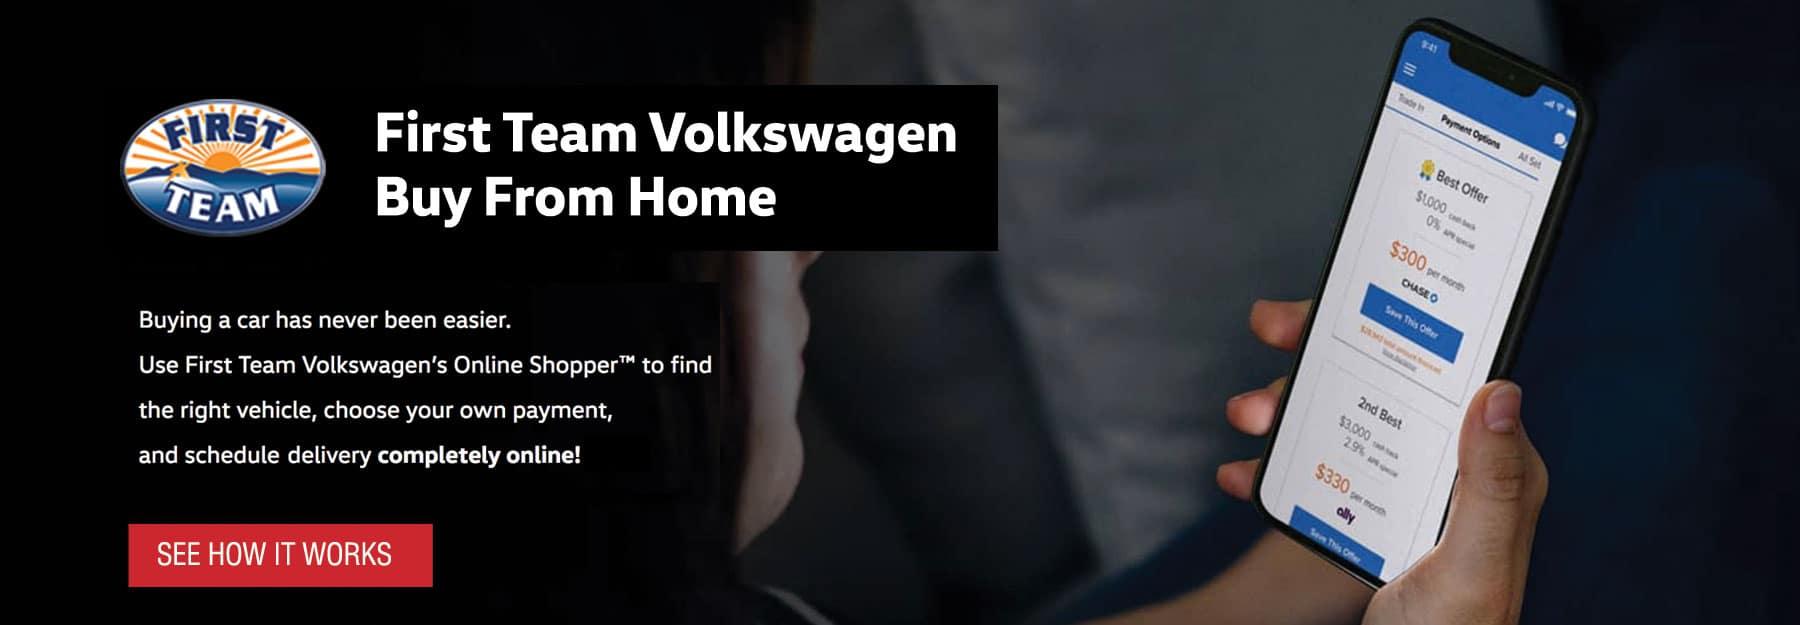 VW-buy-from-home-slide